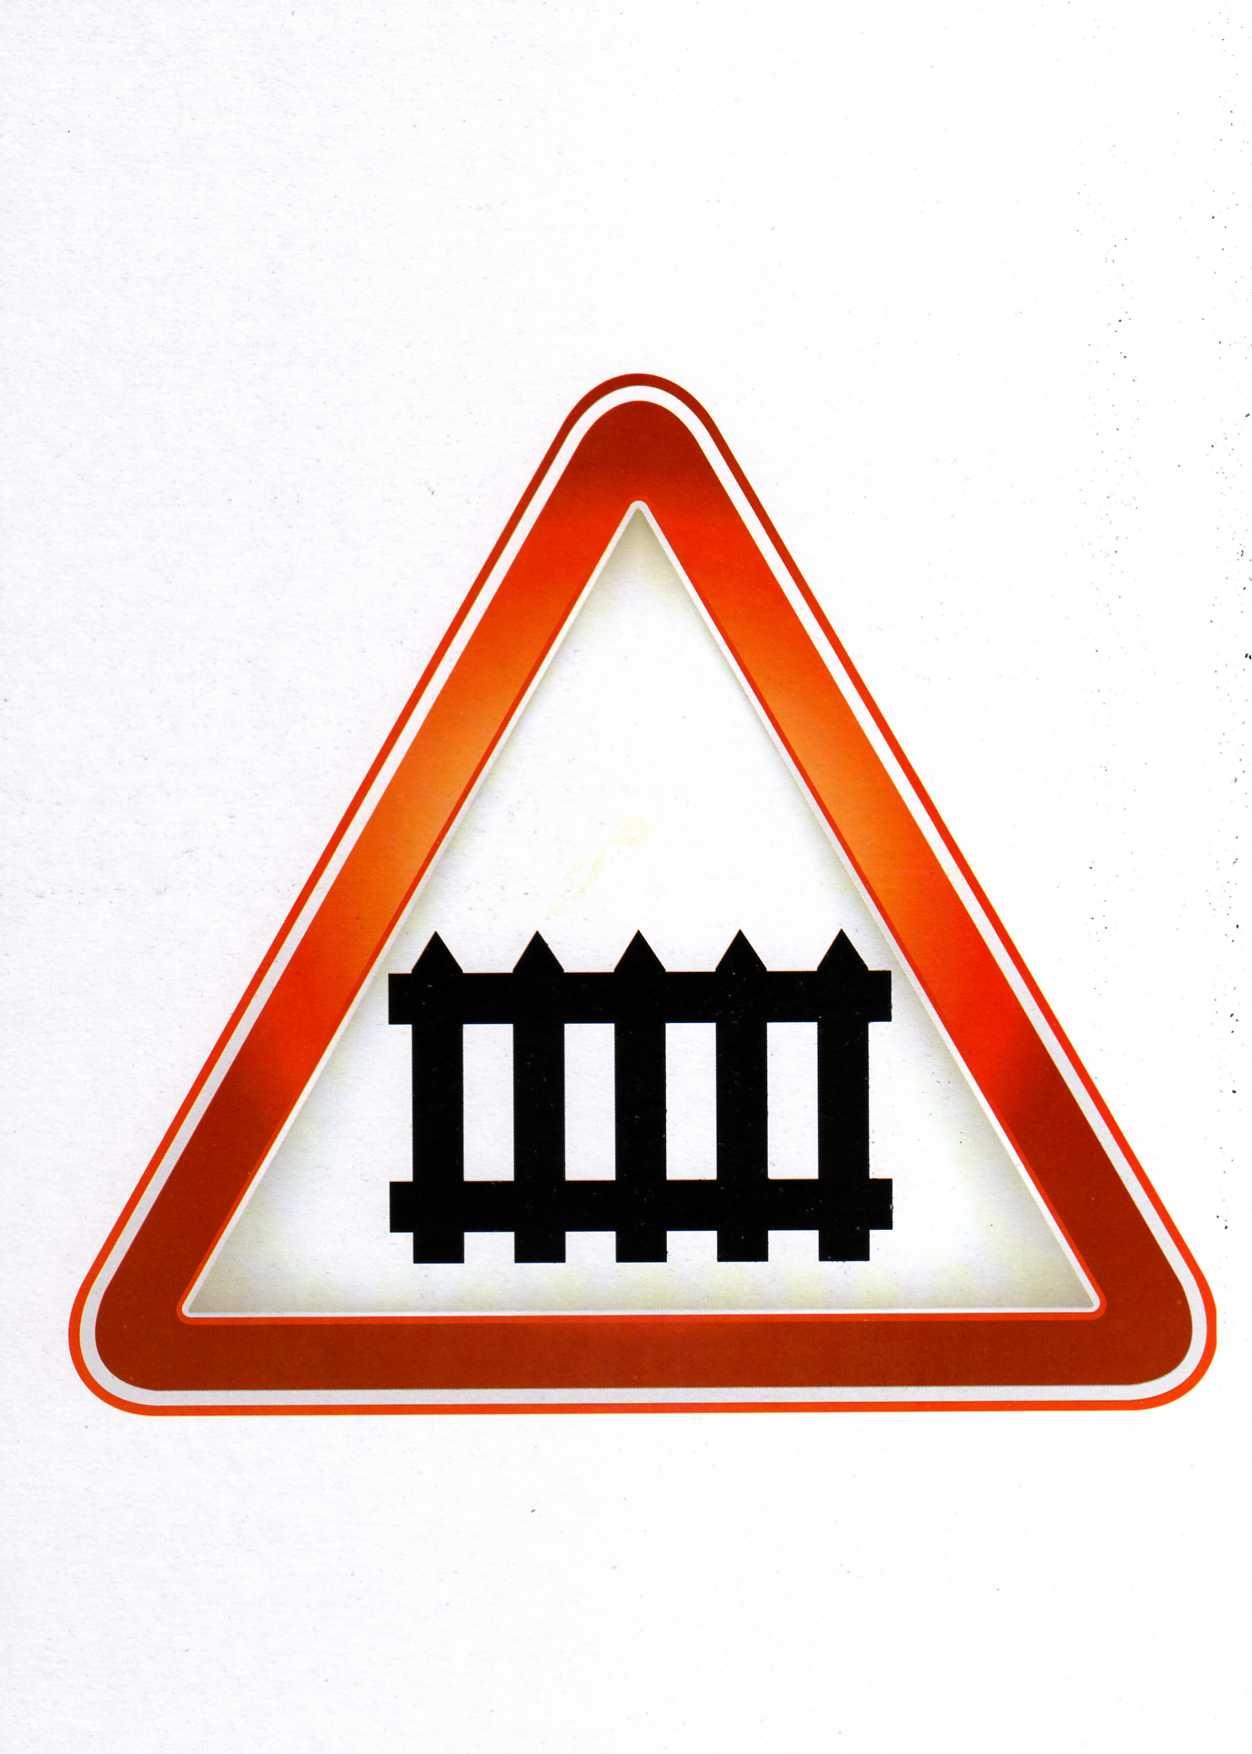 ПДД Дорожные знаки 1416 Приближение к железнодорожному